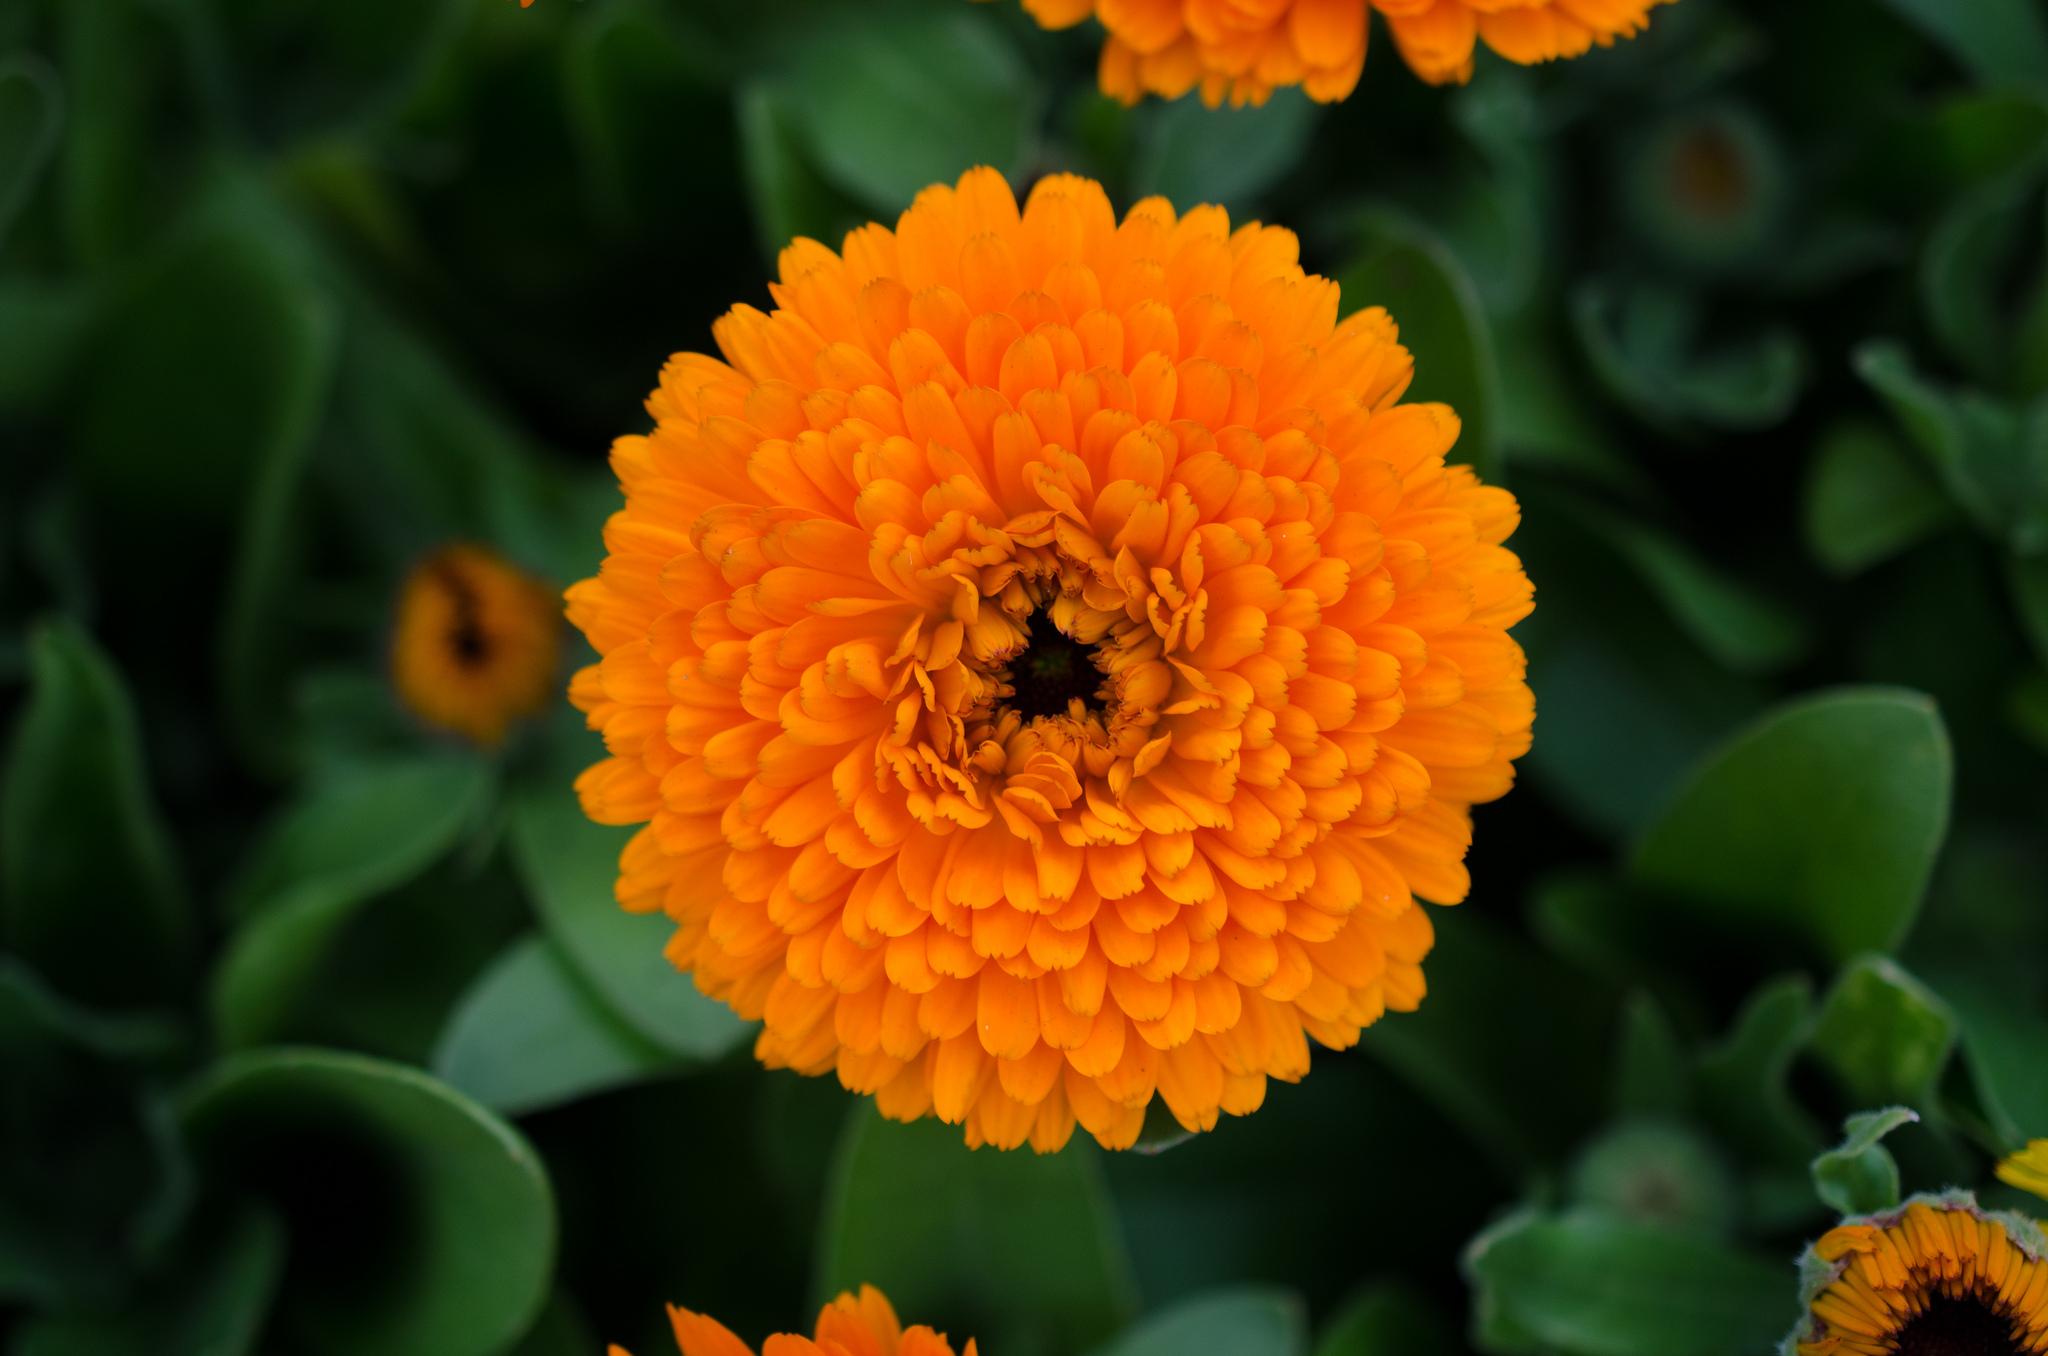 Flower © Armando Argandar/Flickr